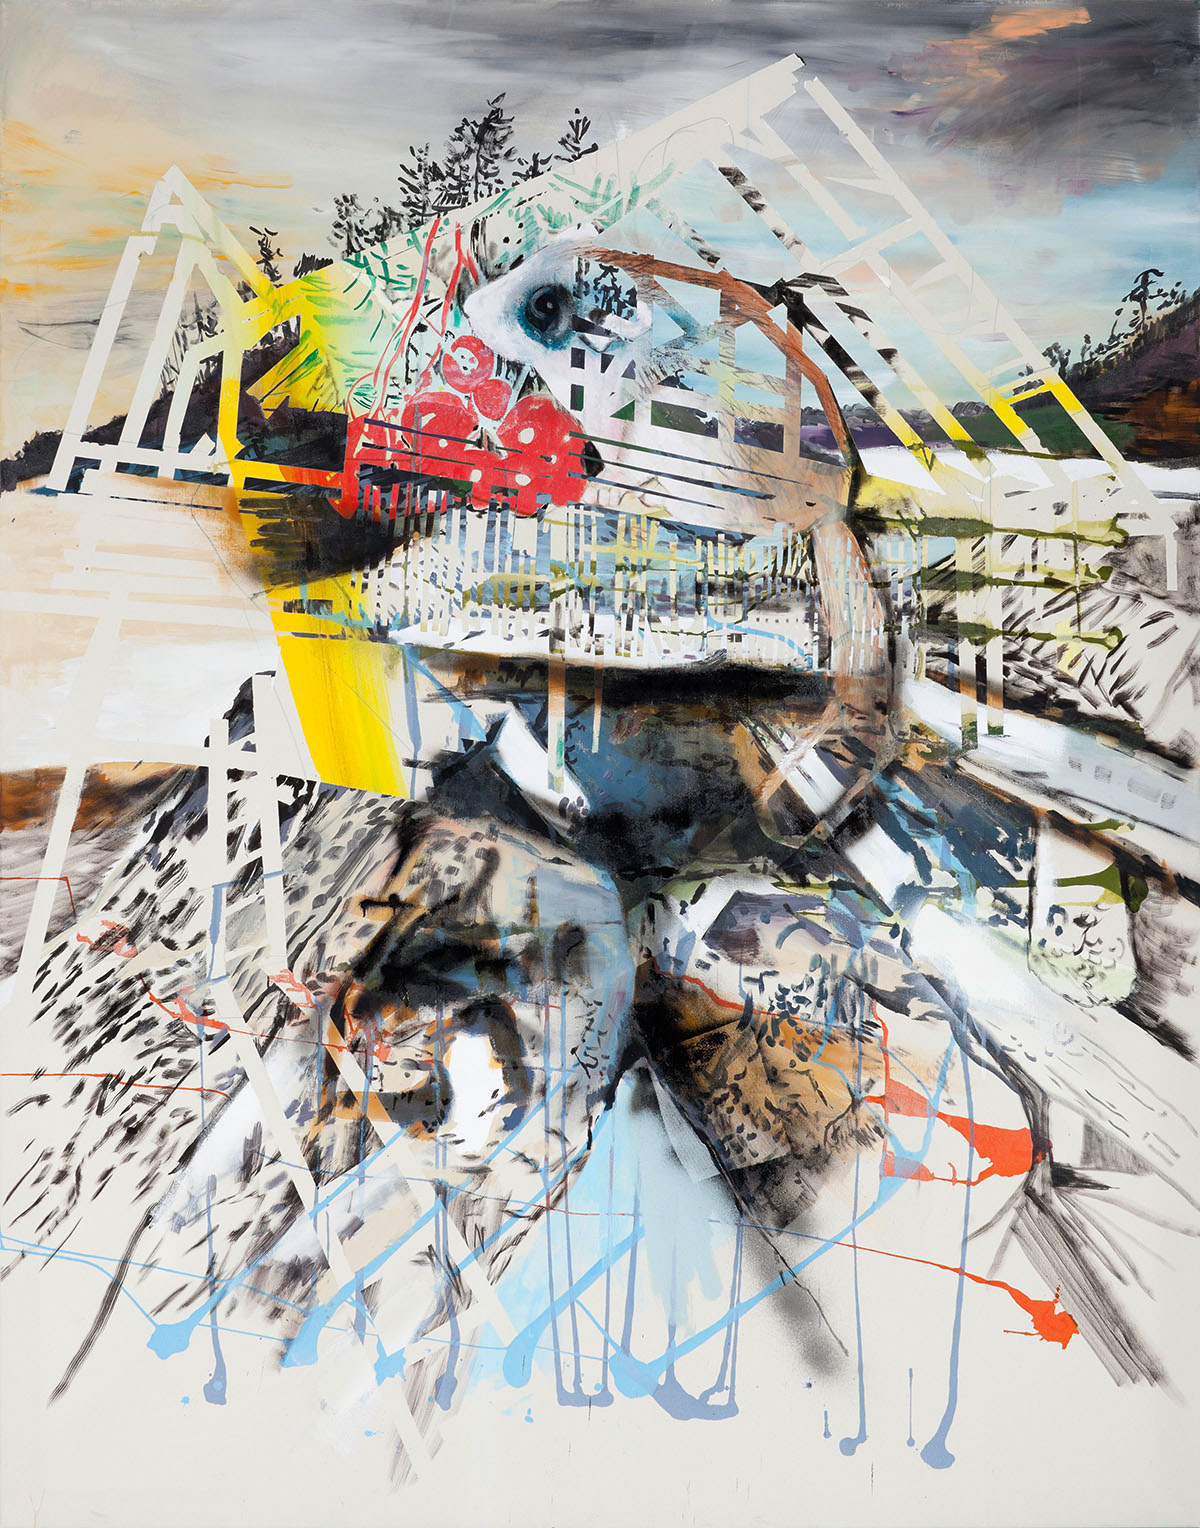 """o.T. aus """"Alm Alb Pacific"""", 2014, 240 x 190 cm, Mischtechnik auf Leinwand"""